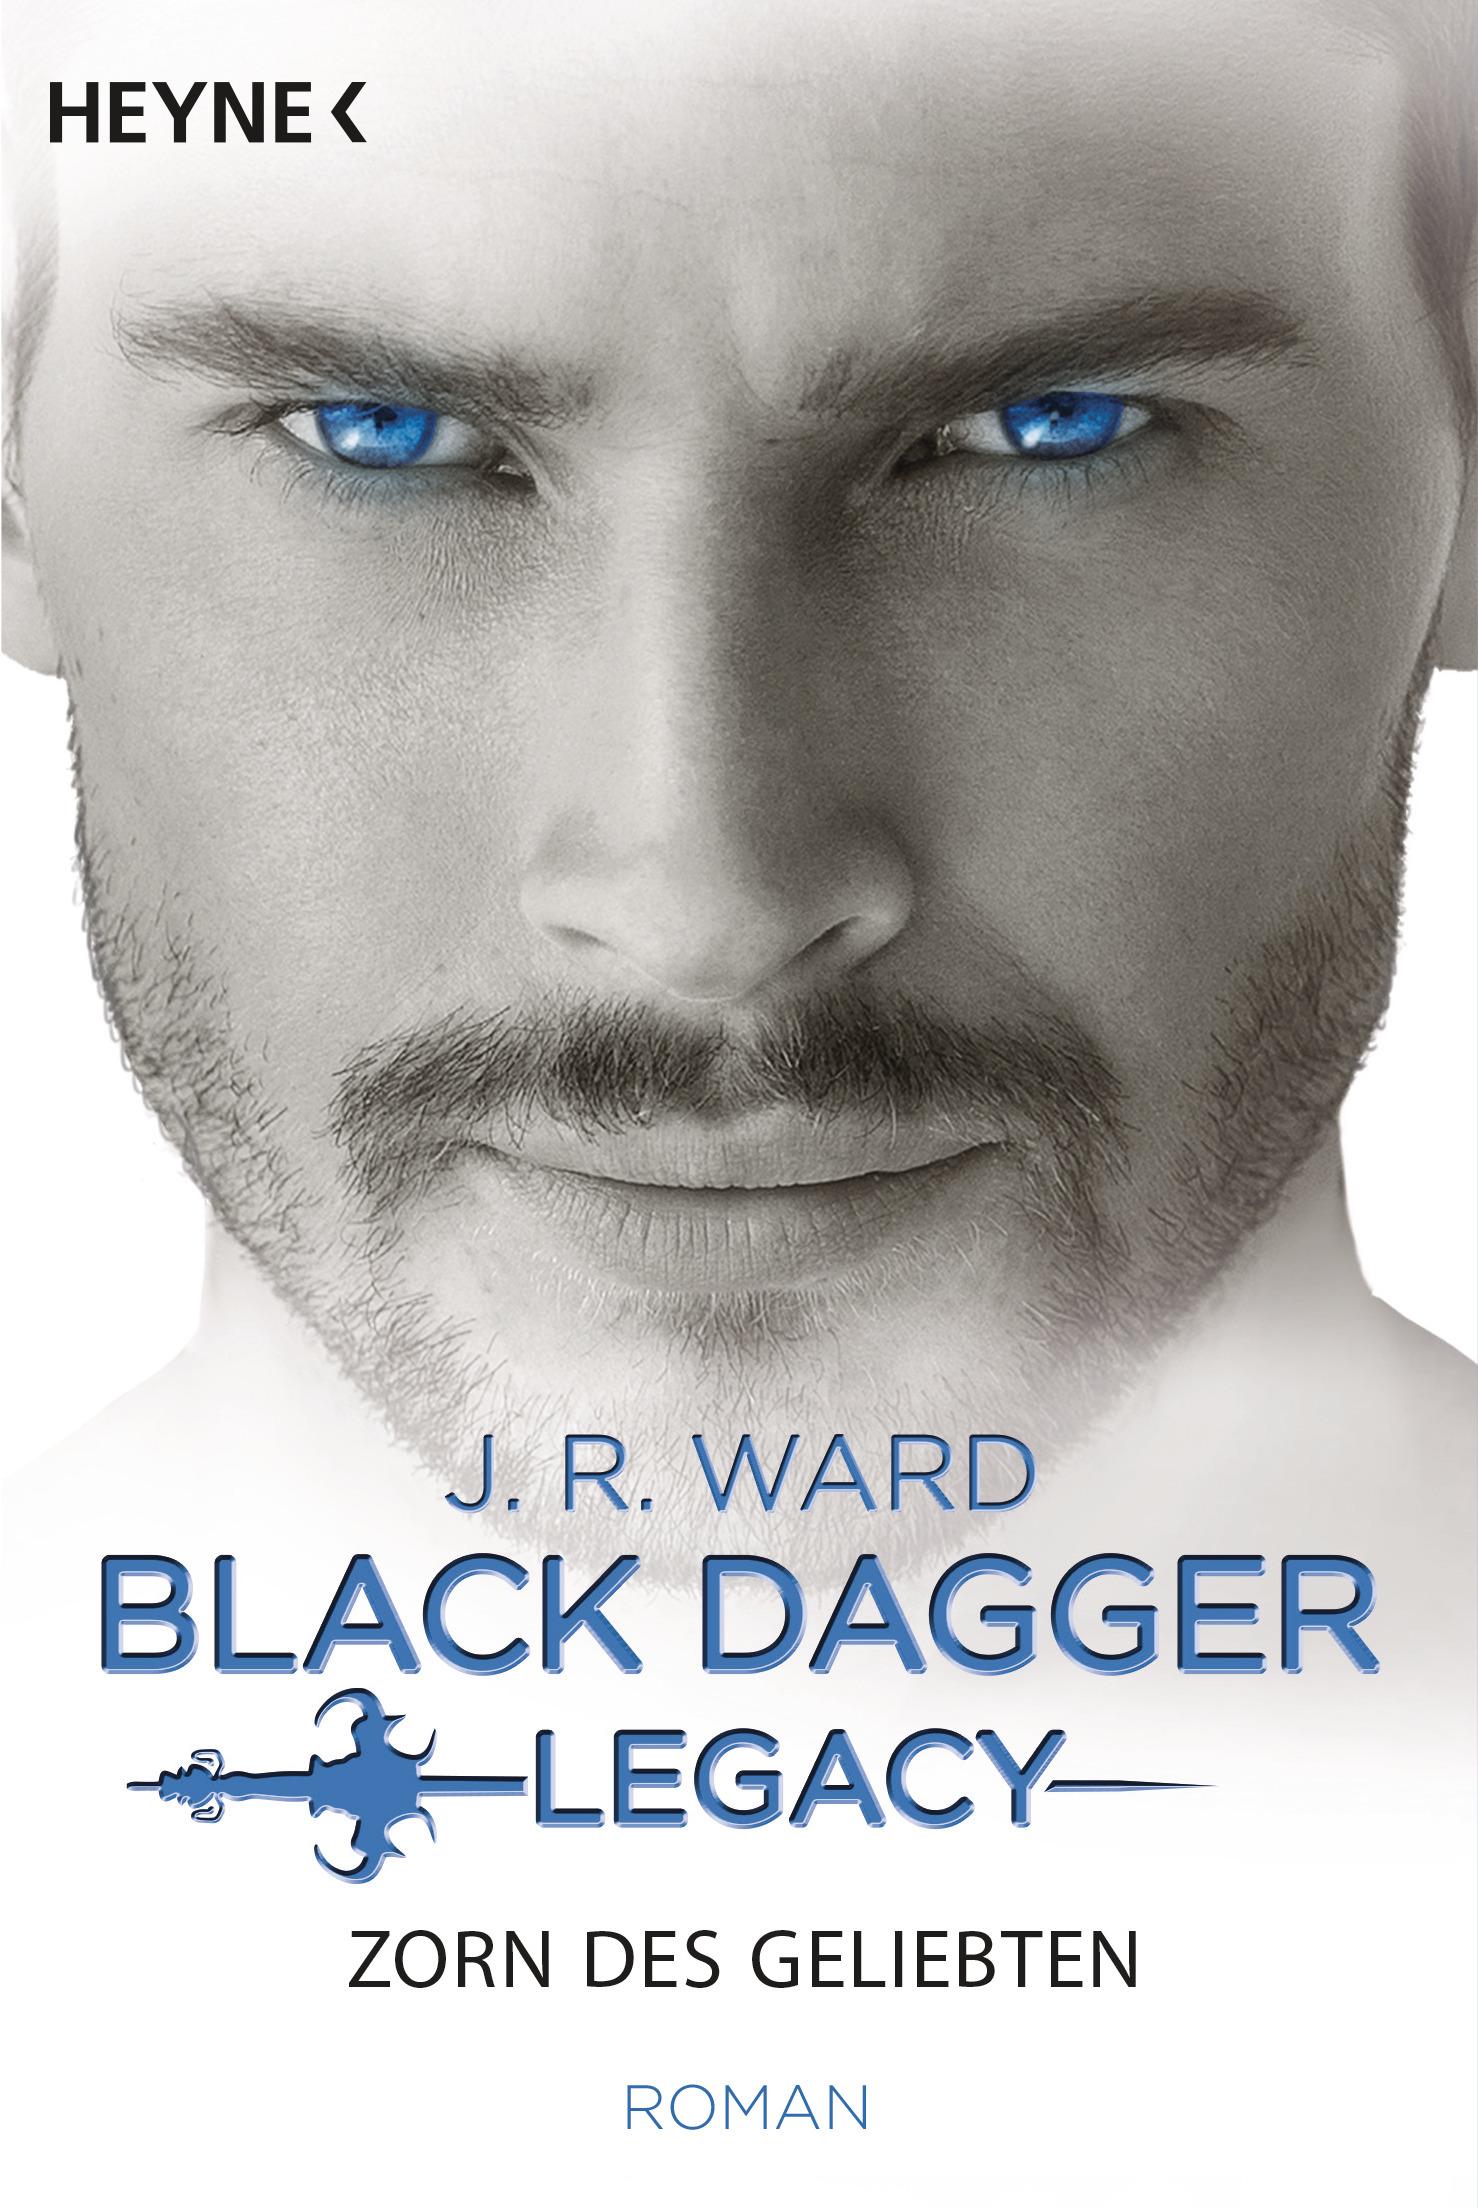 [Werbung] Black Dagger Legacy: Zorn des Geliebten – J.R.Ward